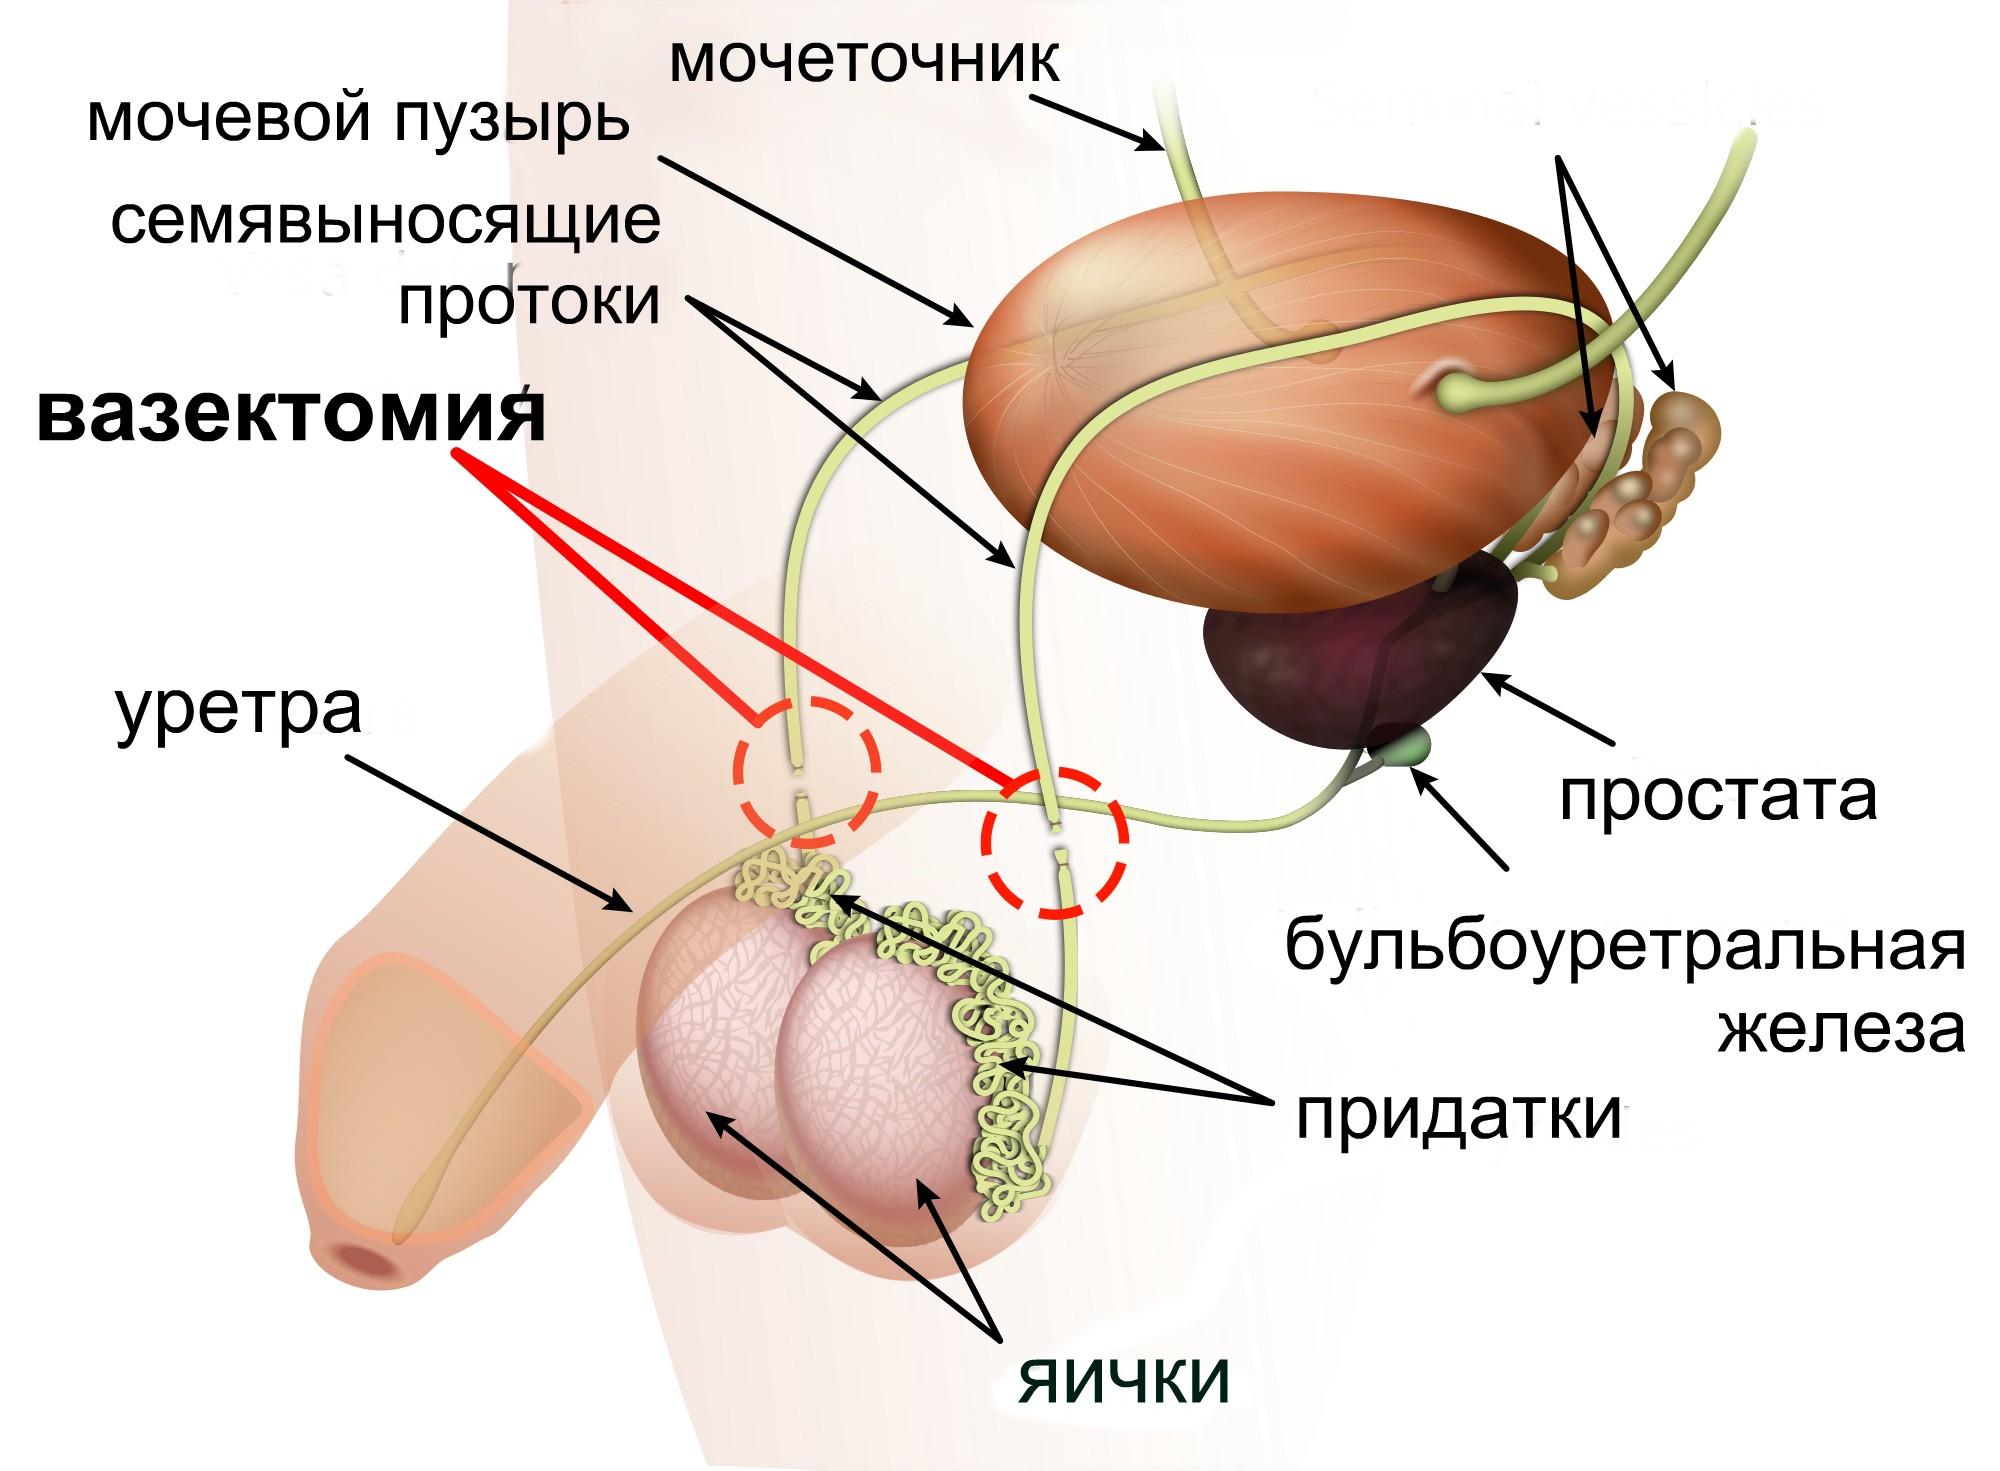 Как сделать вазэктомию